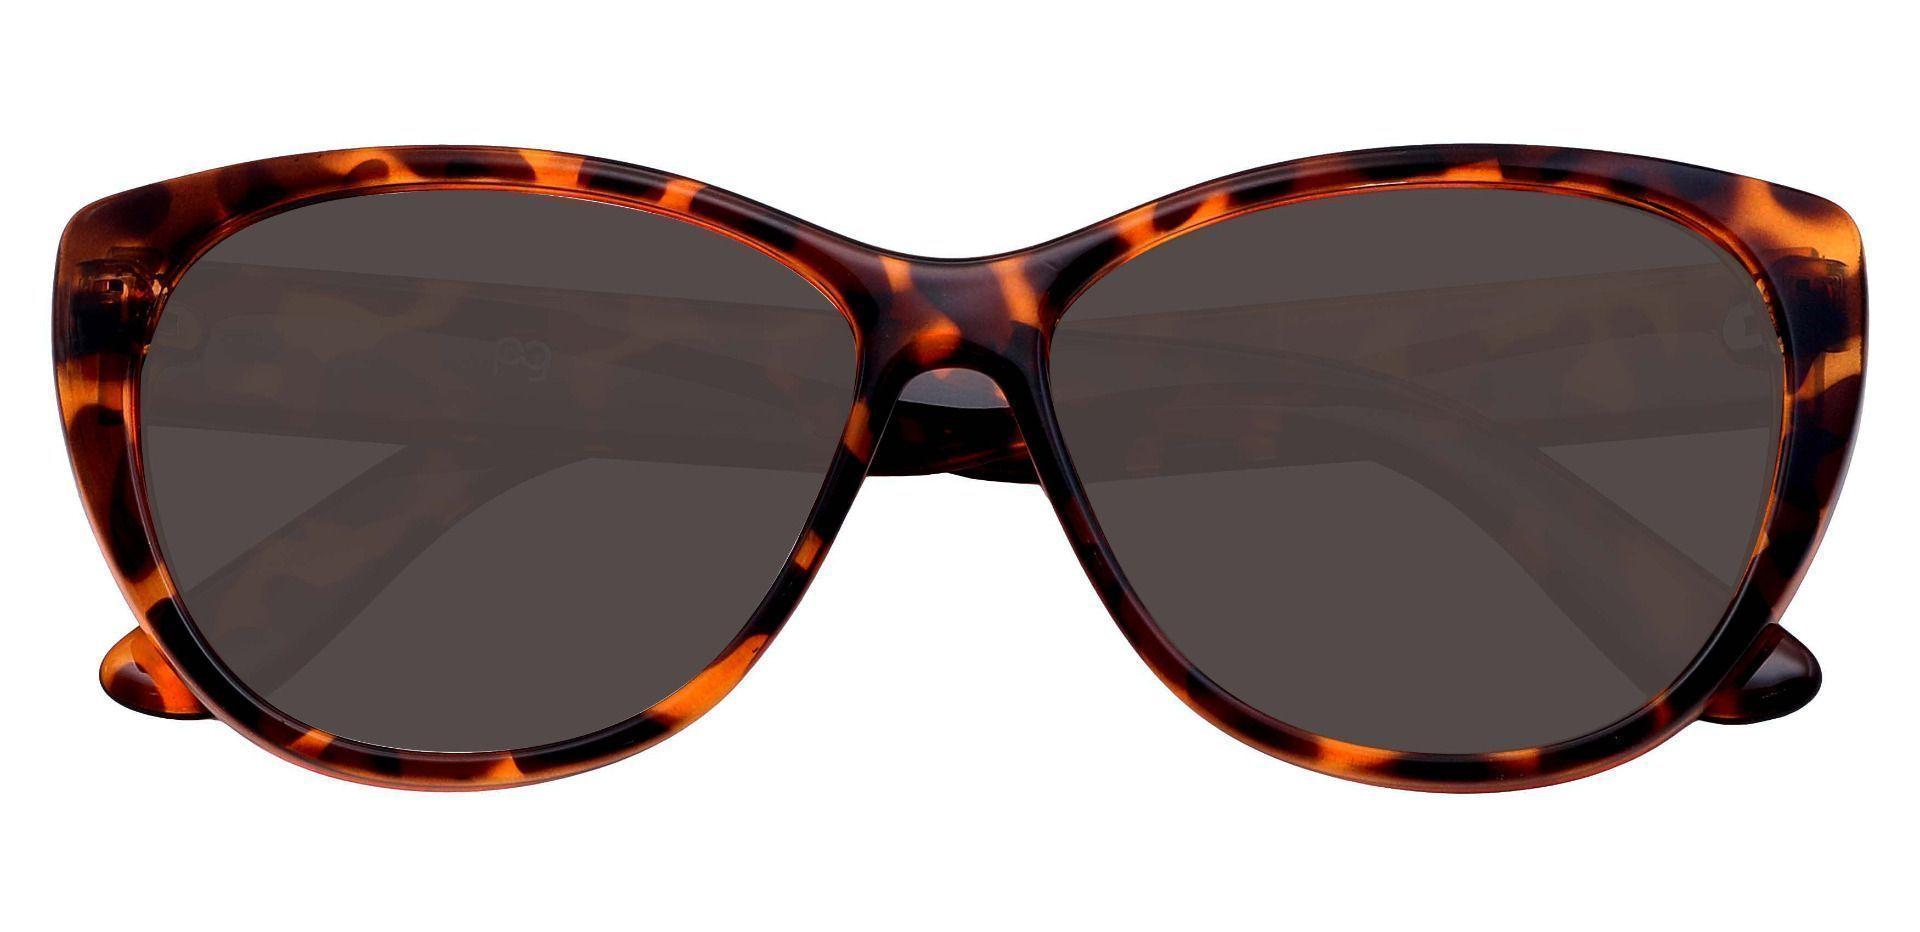 Lynn Cat-Eye Prescription Sunglasses - Tortoise Frame With Gray Lenses